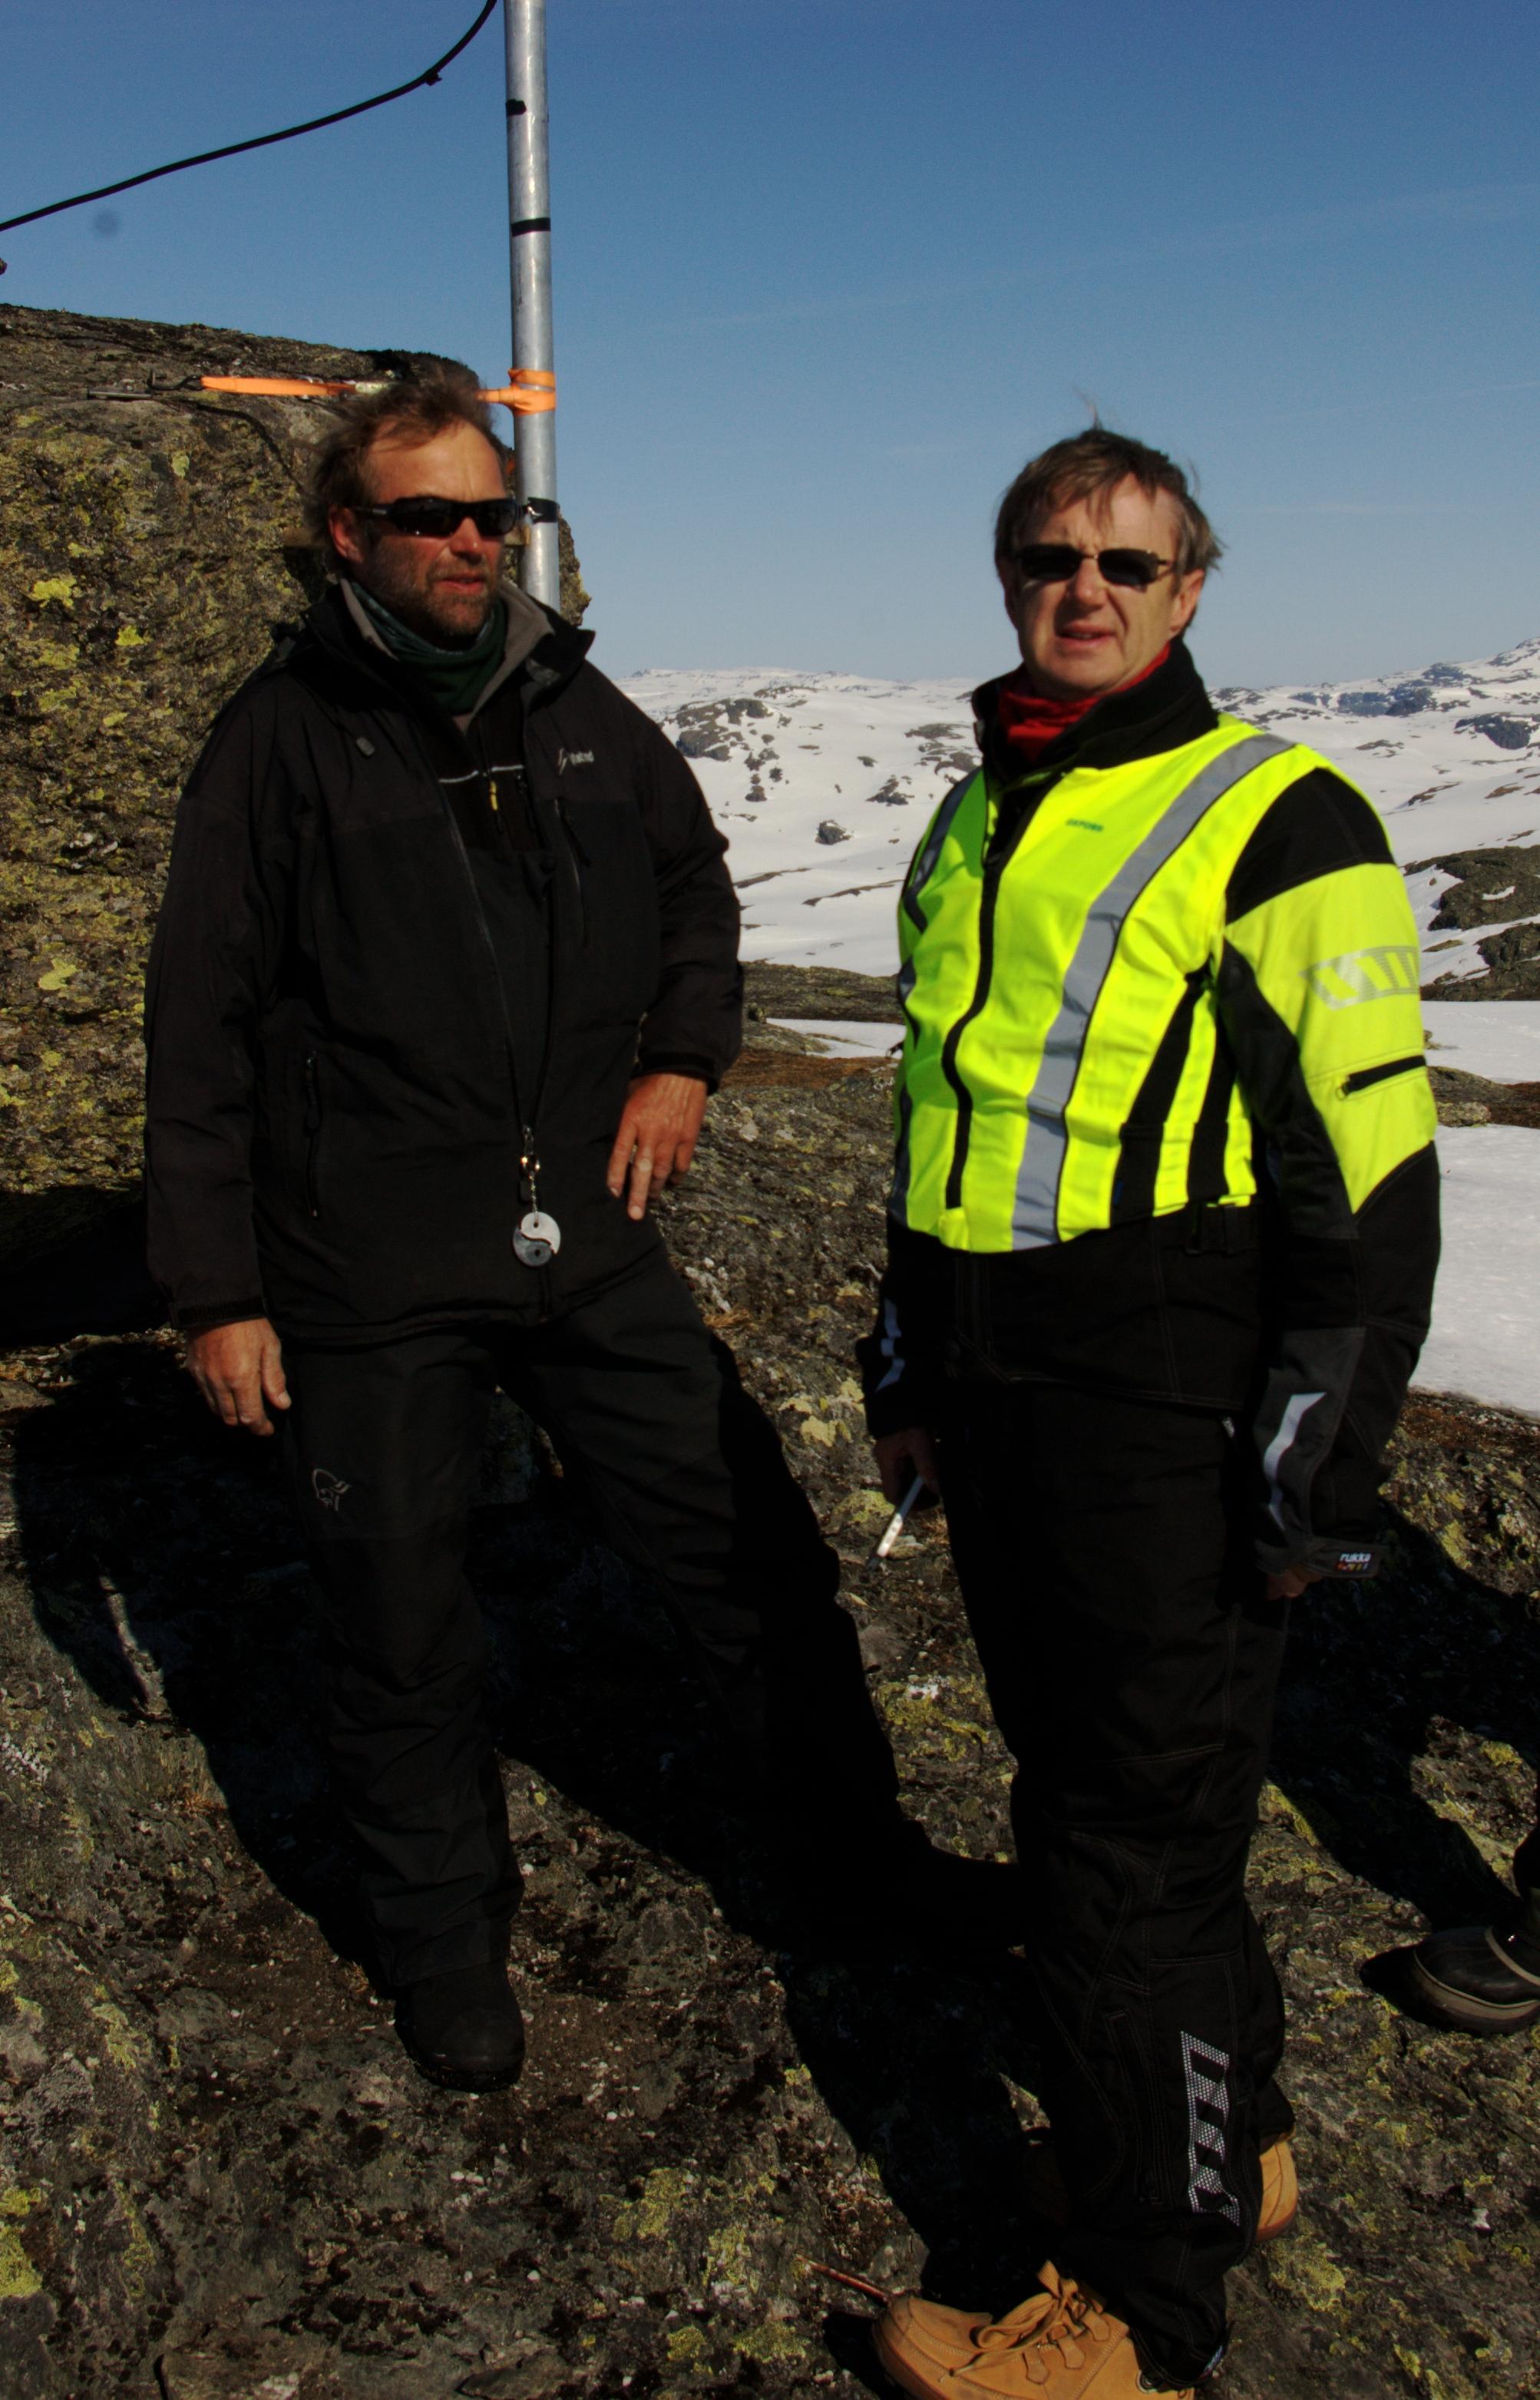 Montør Fadnes i Eltel og dekningsdirektør Bjørn Amundsen i Telenor.